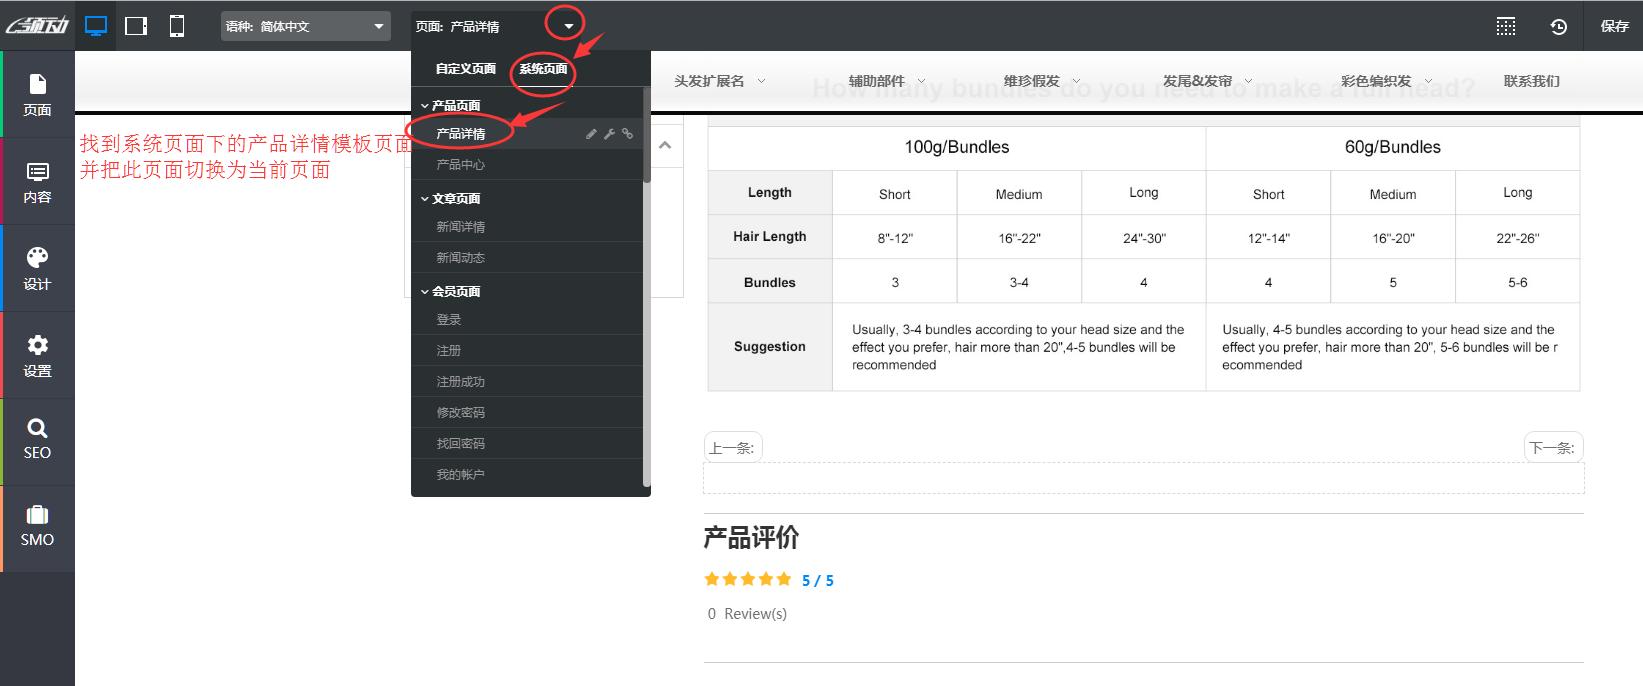 把產品詳情頁面模板頁面切換為當前頁面